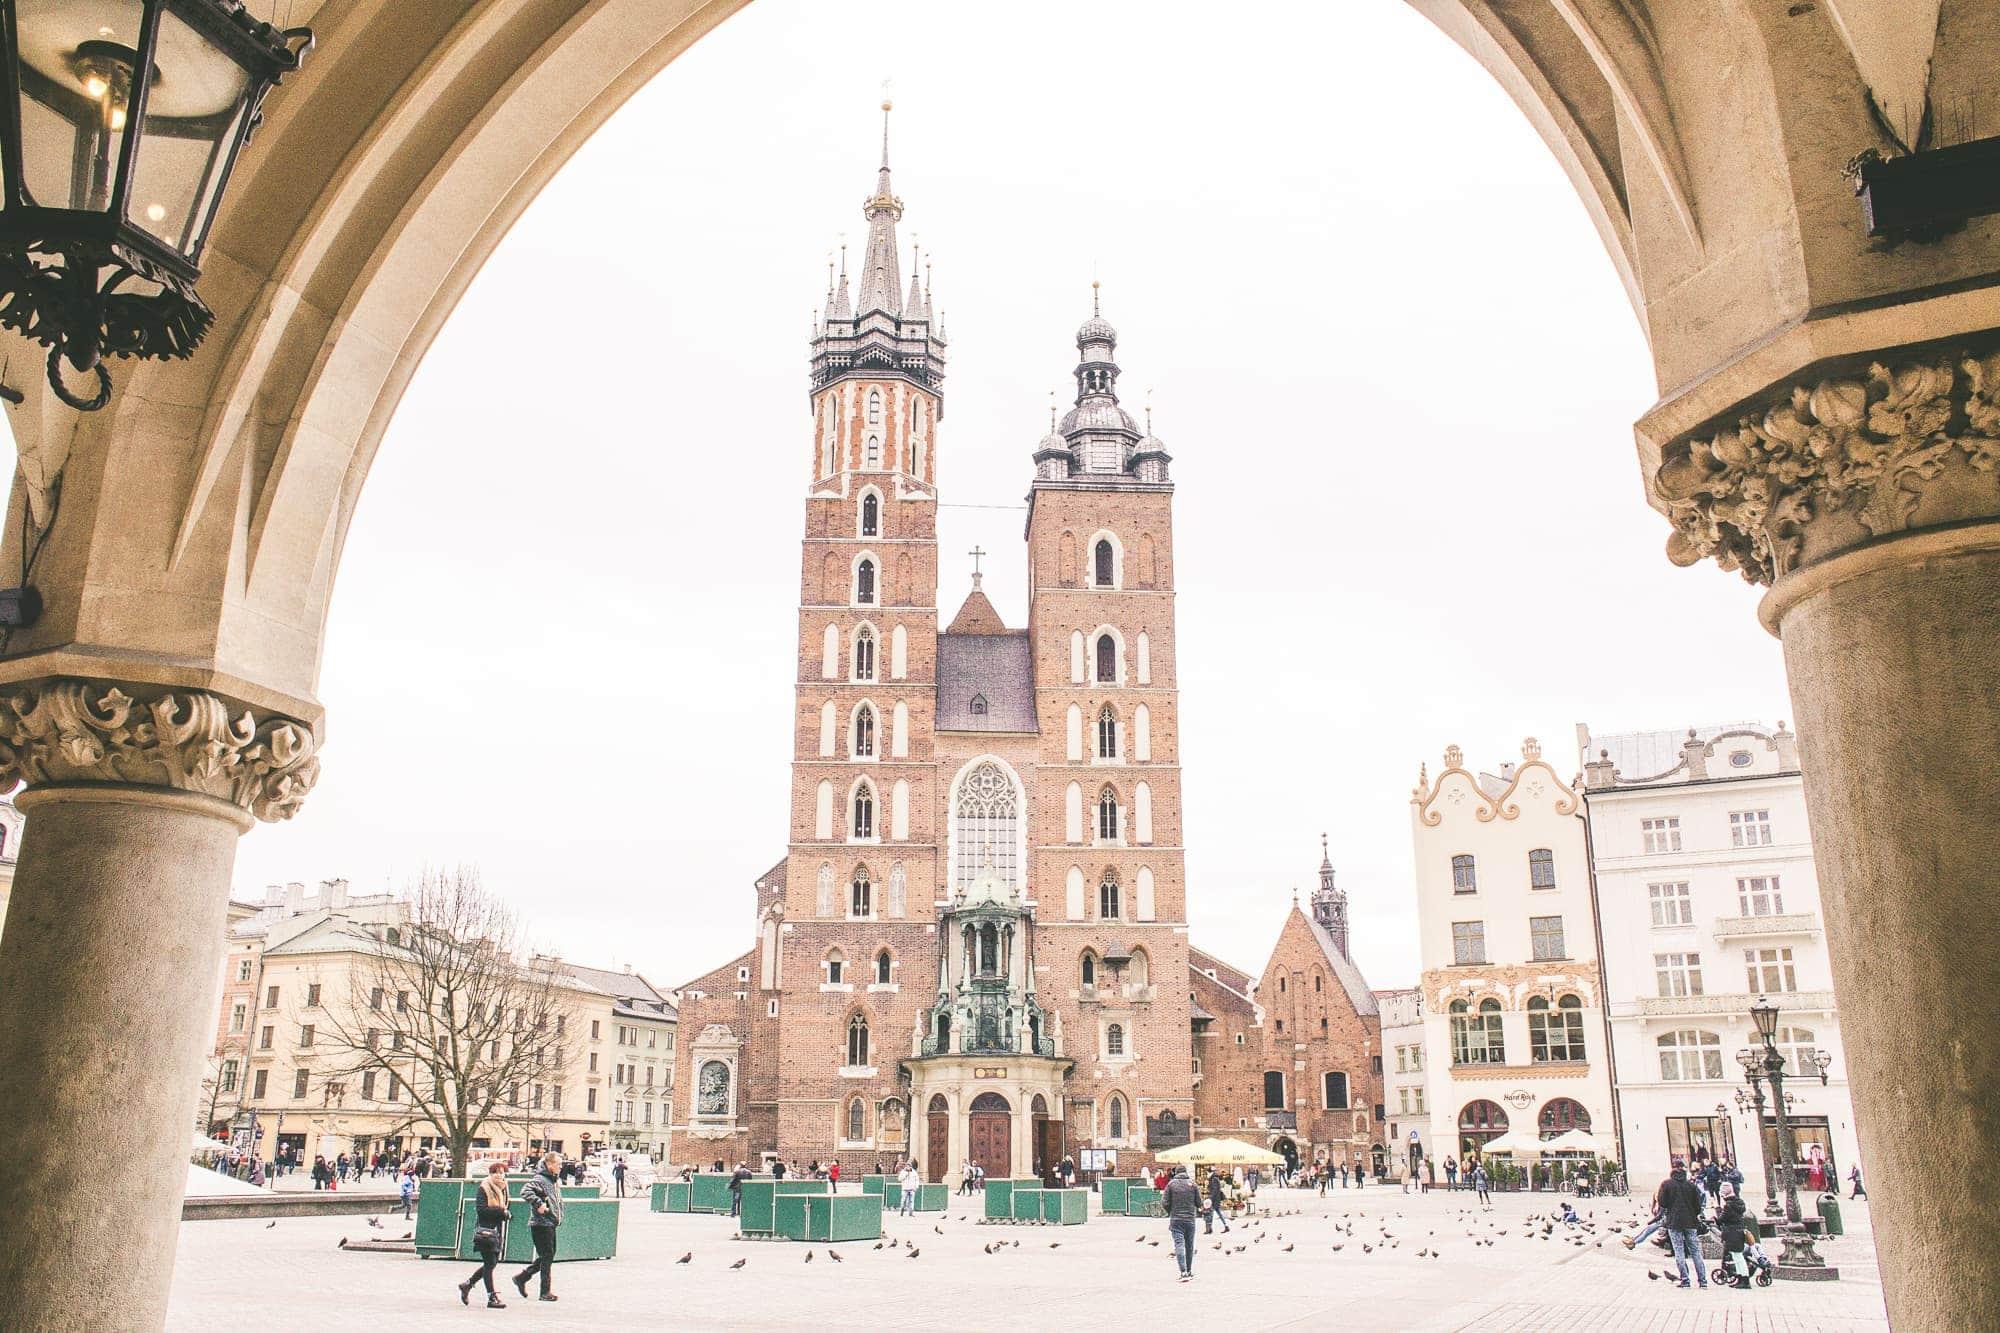 Byli jsme jak dvě Alenky v Říši divů, Polsko je kouzelné. Mají tu dokonce Děravý kotel z Harryho Pottera.